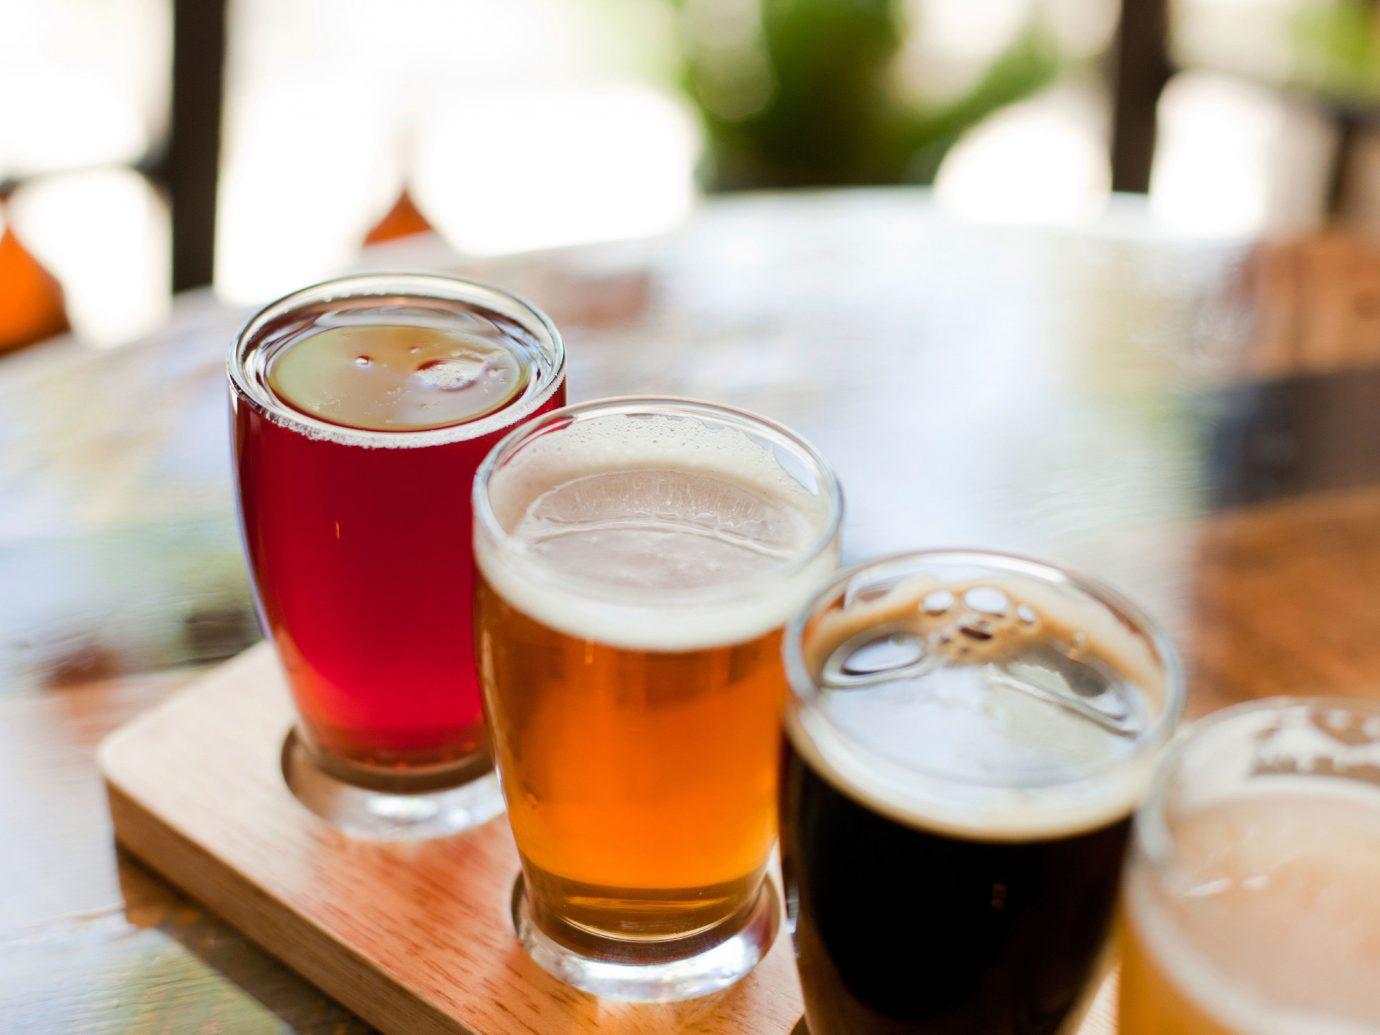 Food + Drink cup table coffee food Drink glass alcoholic beverage beer beverage orange meal